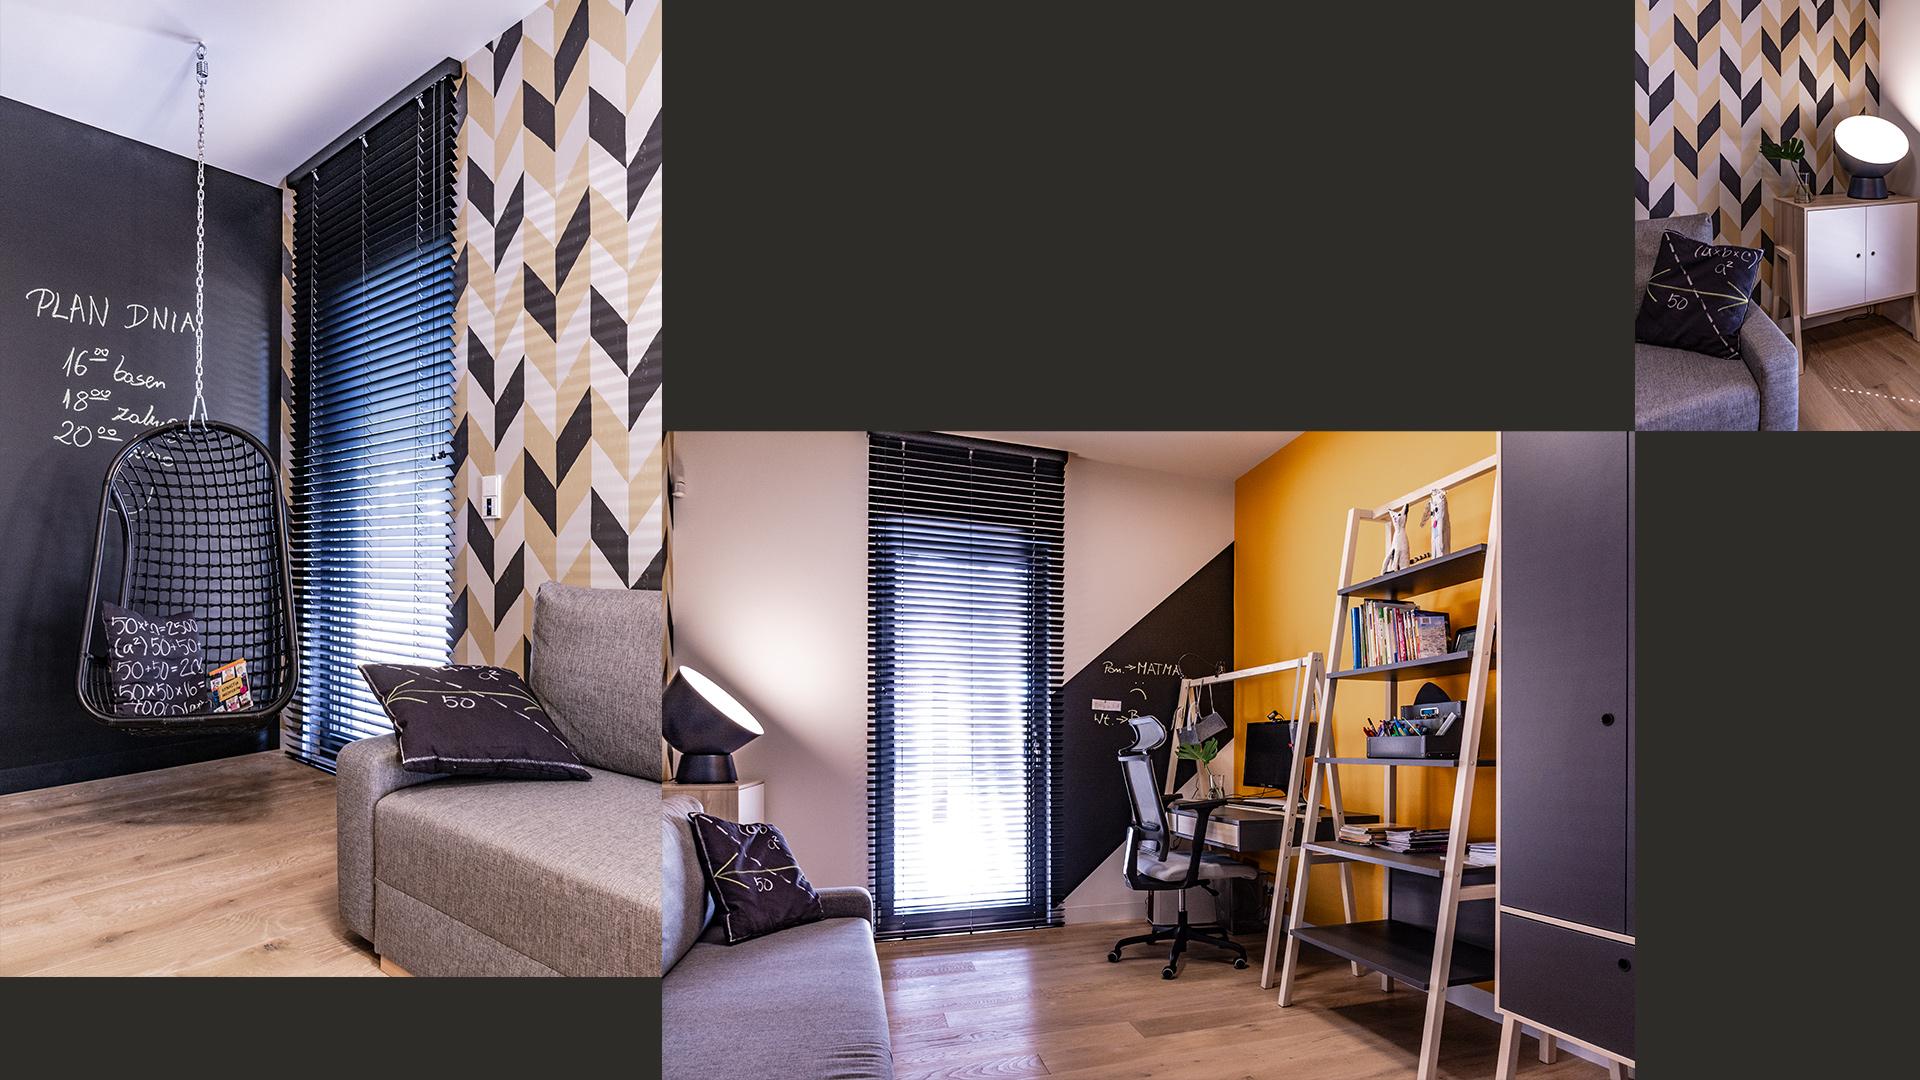 Dzienny pokój nastolatki jest pełen dynamizmu – zapewniają to geometryczna tapeta, podwieszana huśtawka i nasycone kolory.